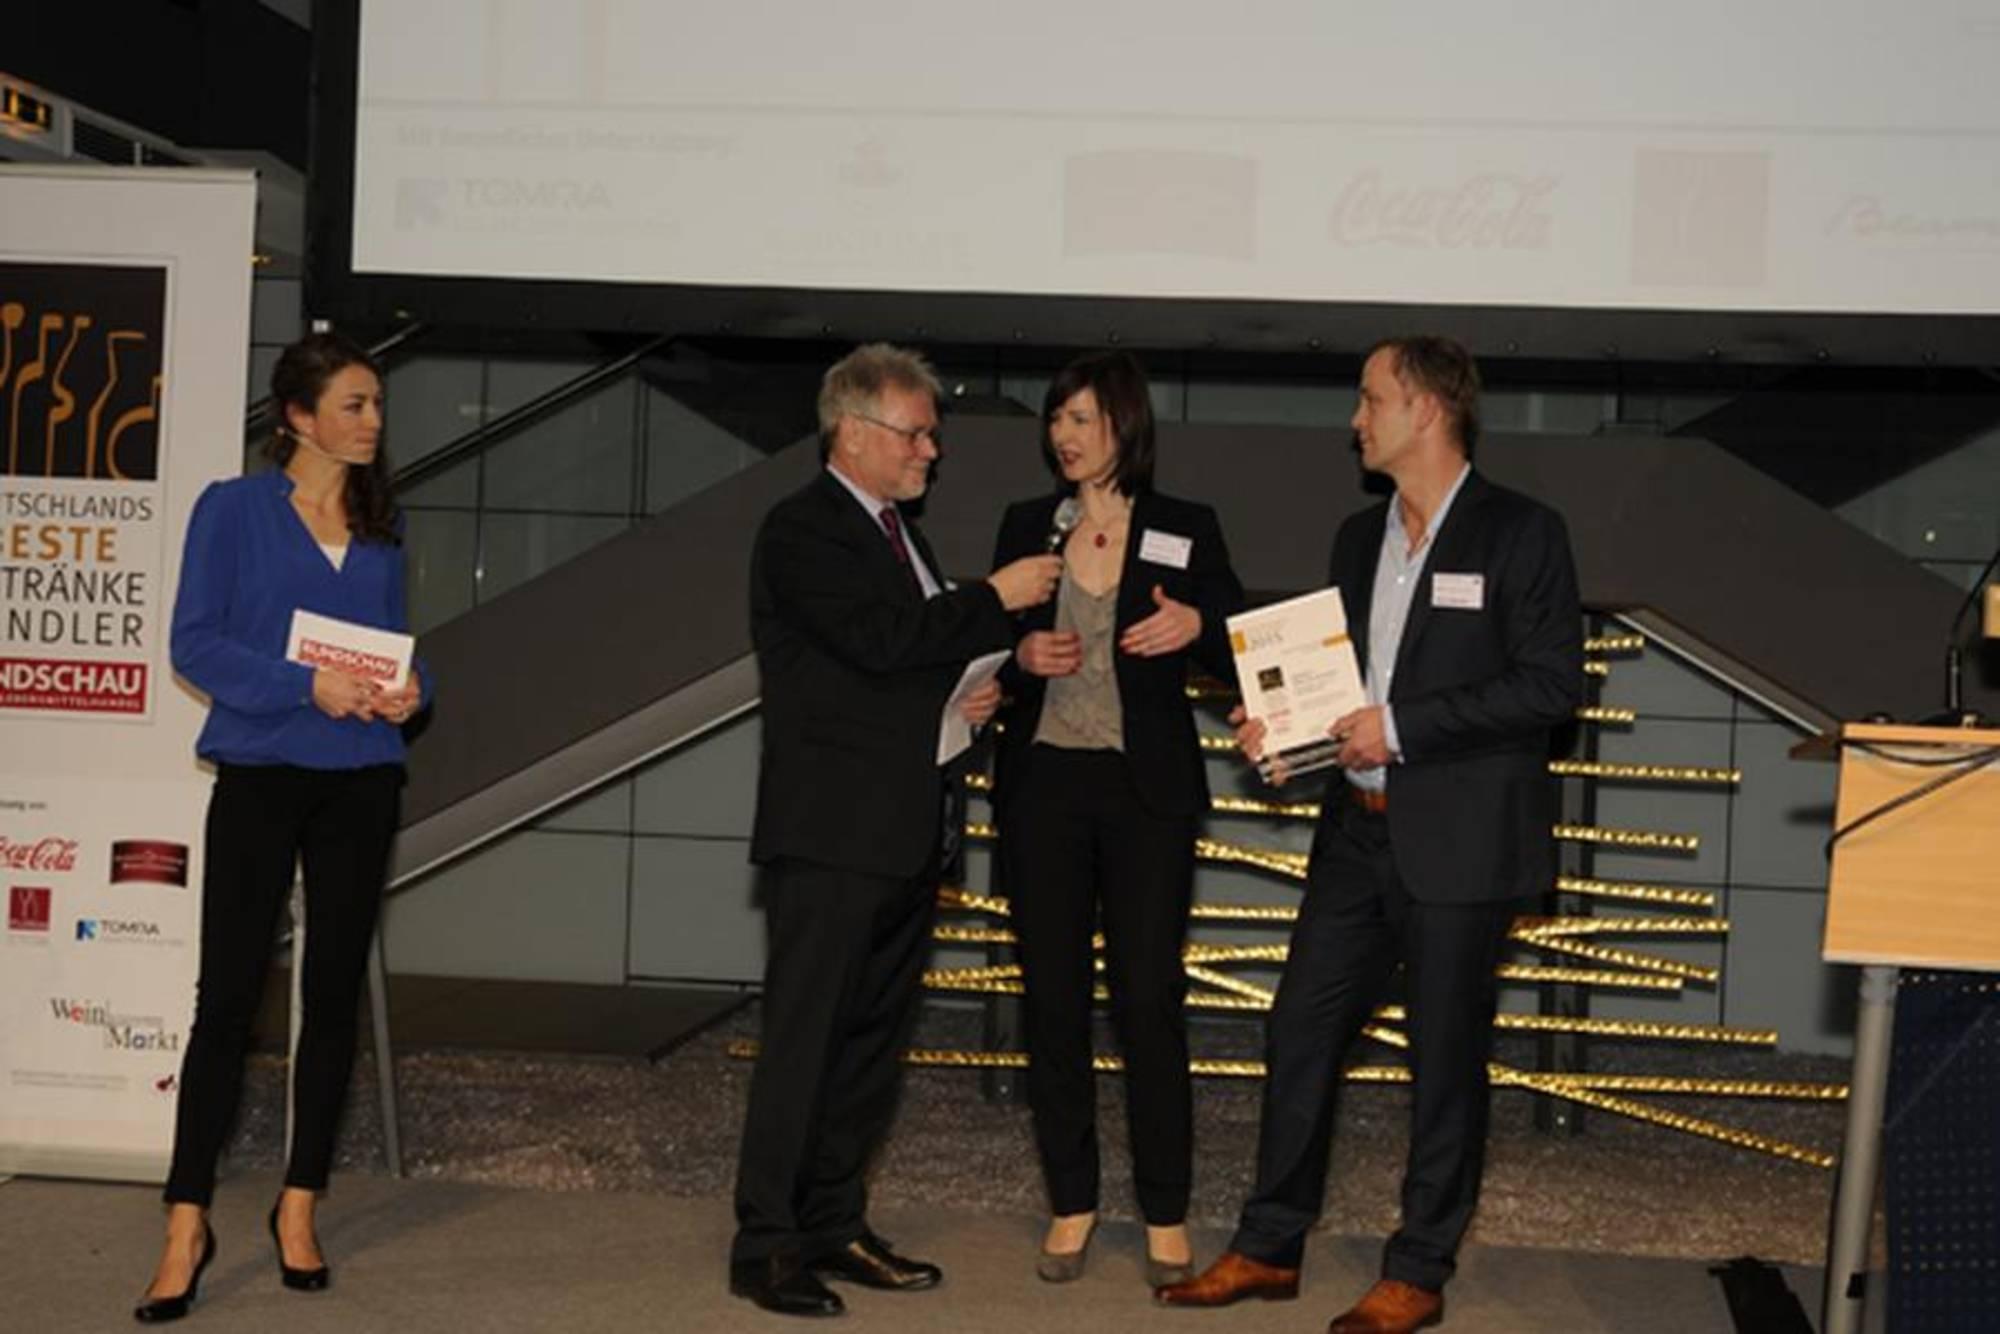 Deutschlands beste Getränkehändler - Gewinner 2015: rundschau.de